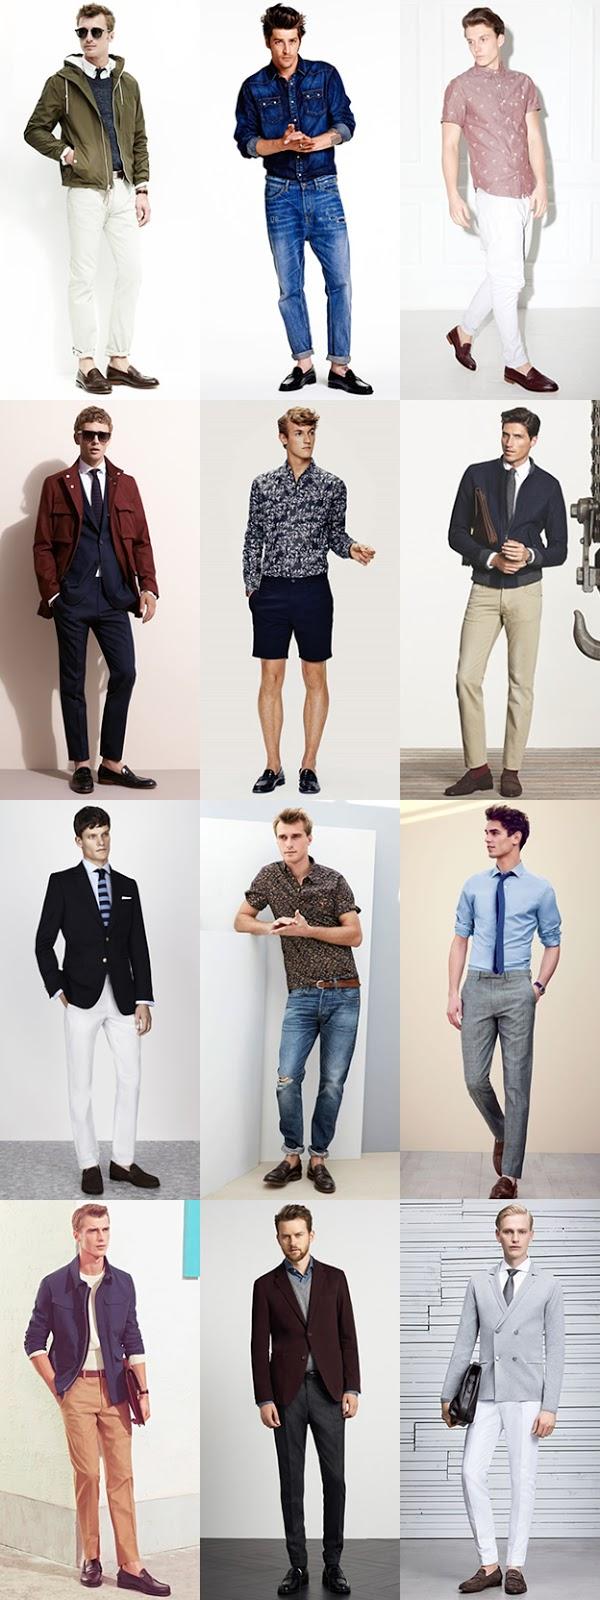 Giầy nam da lộn mặc quần gì?